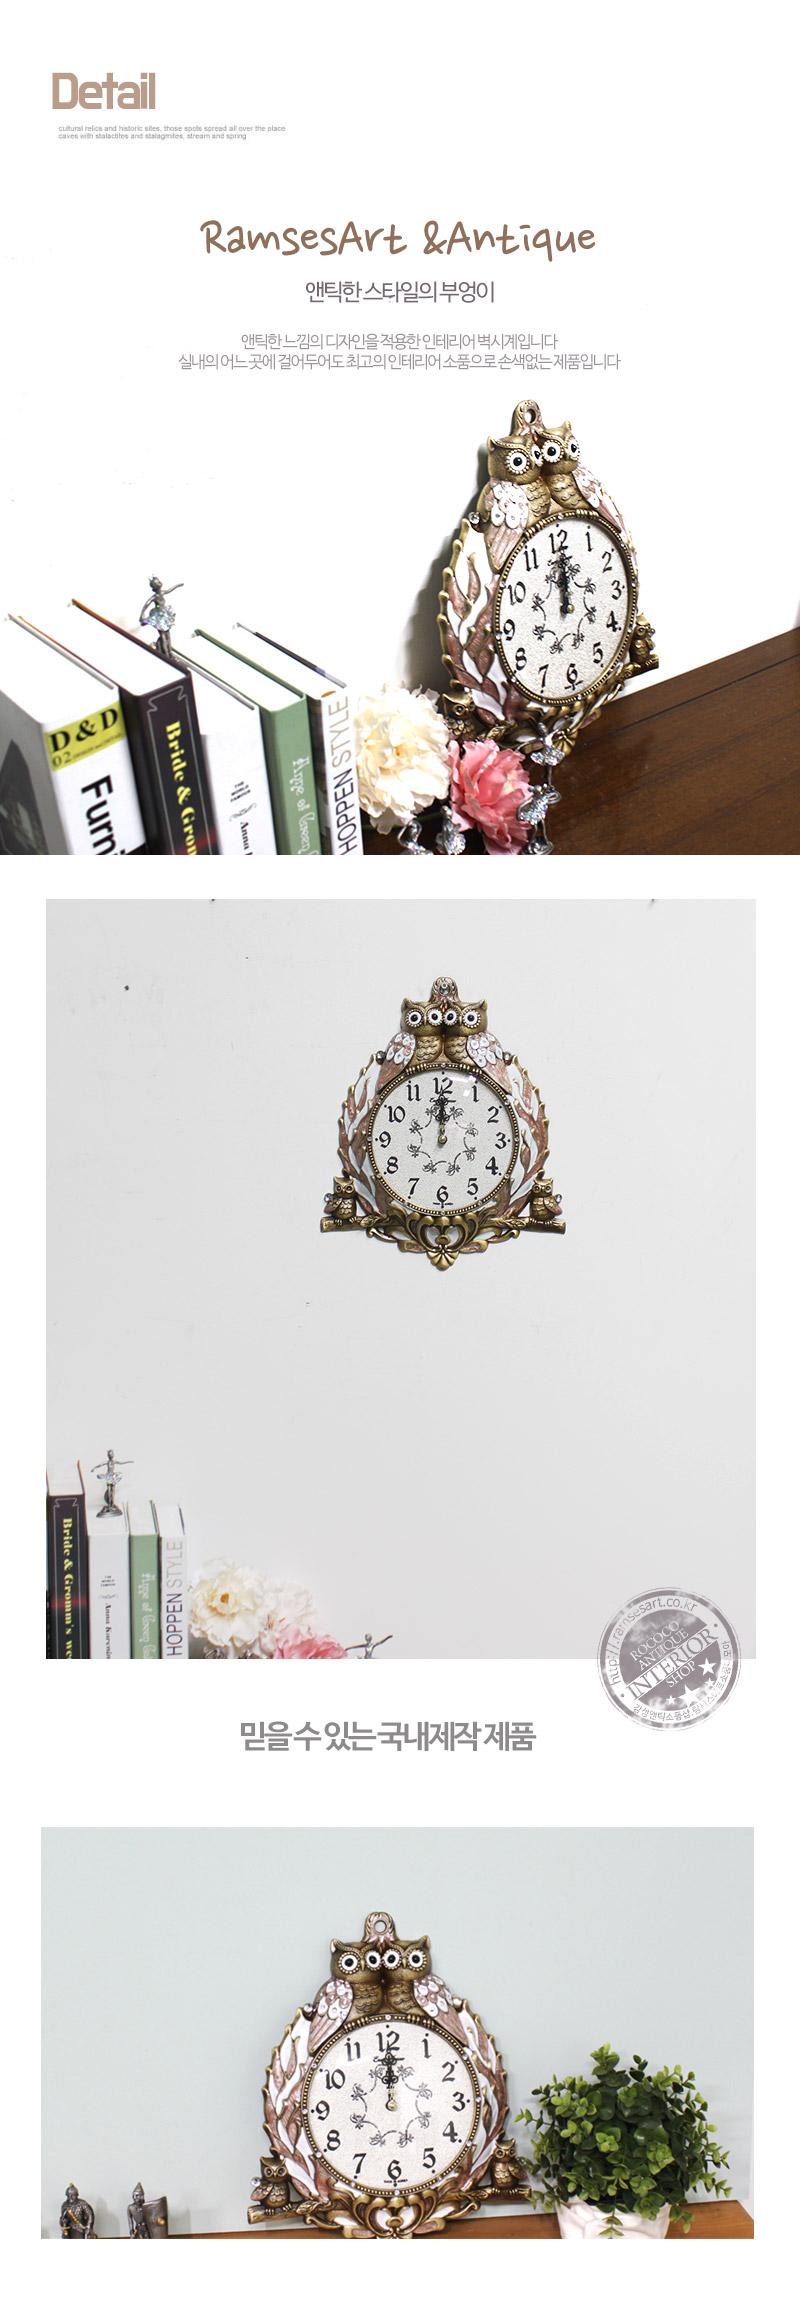 쌍부엉이시계 골드 무소음 벽시계 인테리어 엔틱 벽걸이 - 람세스아트, 80,000원, 벽시계, 무소음/저소음